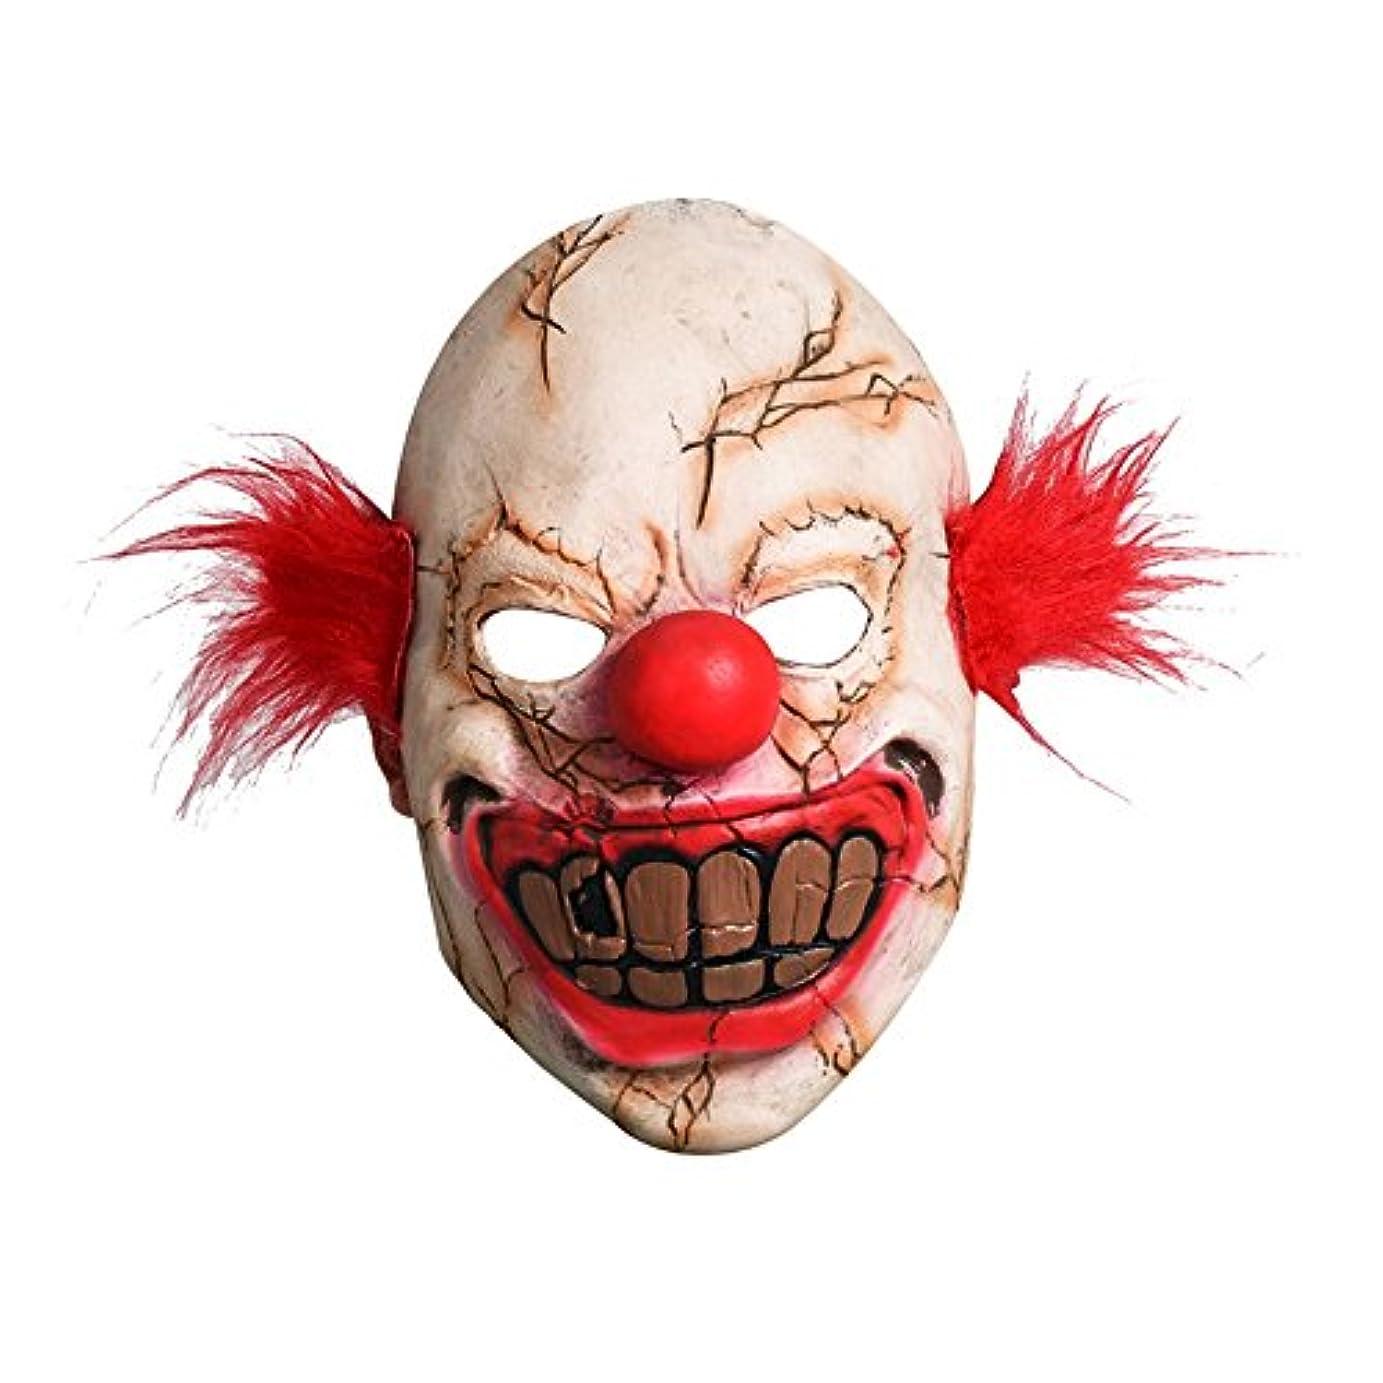 ハウジング近傍ビットハロウィーン用品バー怖い恐ろしい腐った道化師カーニバル全体の人々面白い悪魔腐った顔ピエロマスク